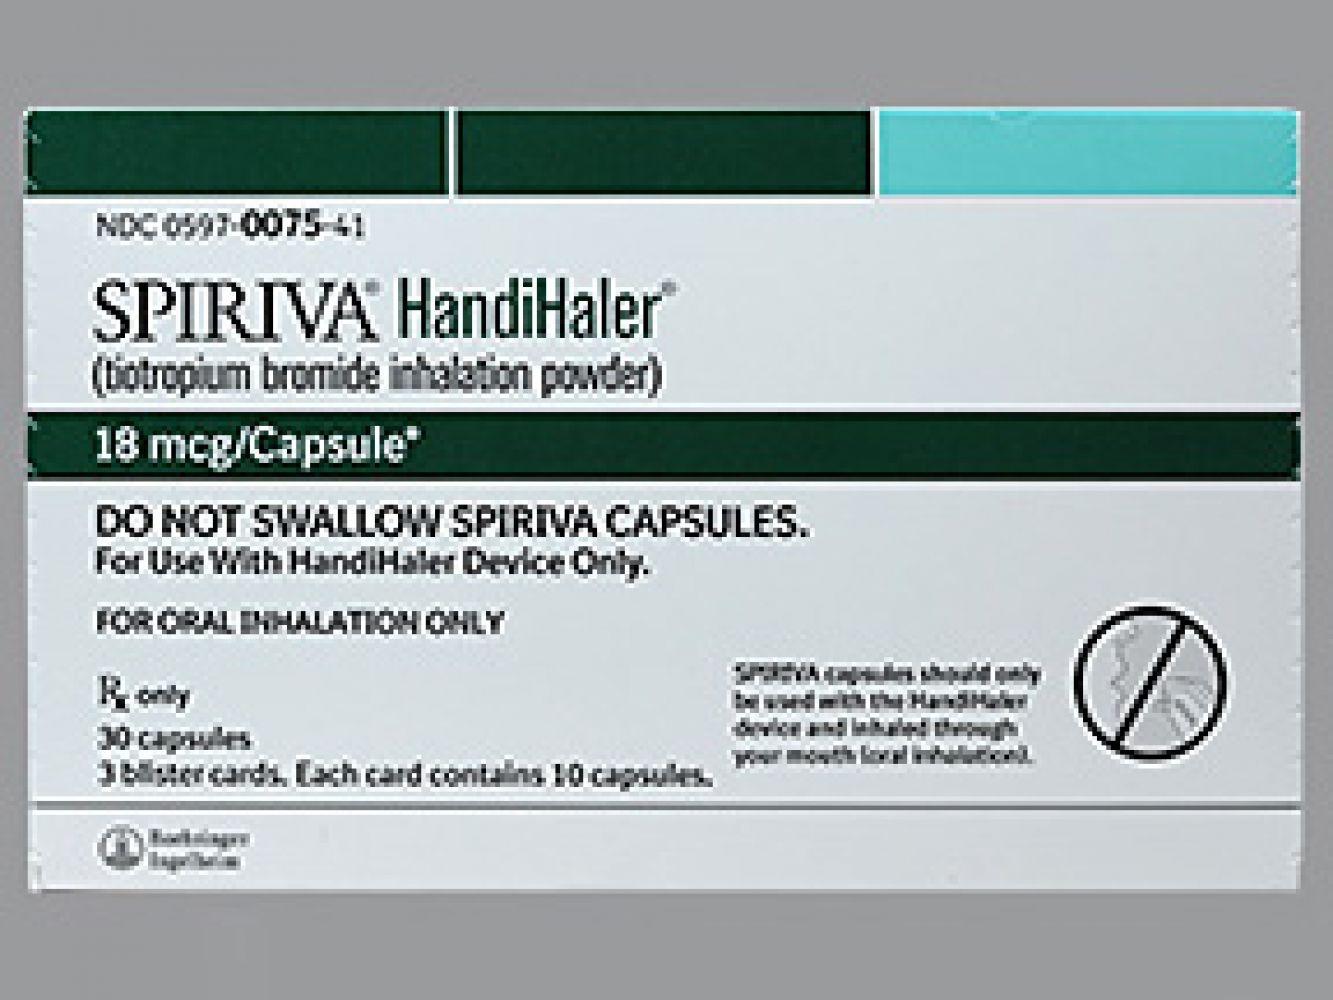 Spiriva 18 Mcg Cp-Handihaler - S - All - Cheap Prescription Prices - Free Printable Spiriva Coupons